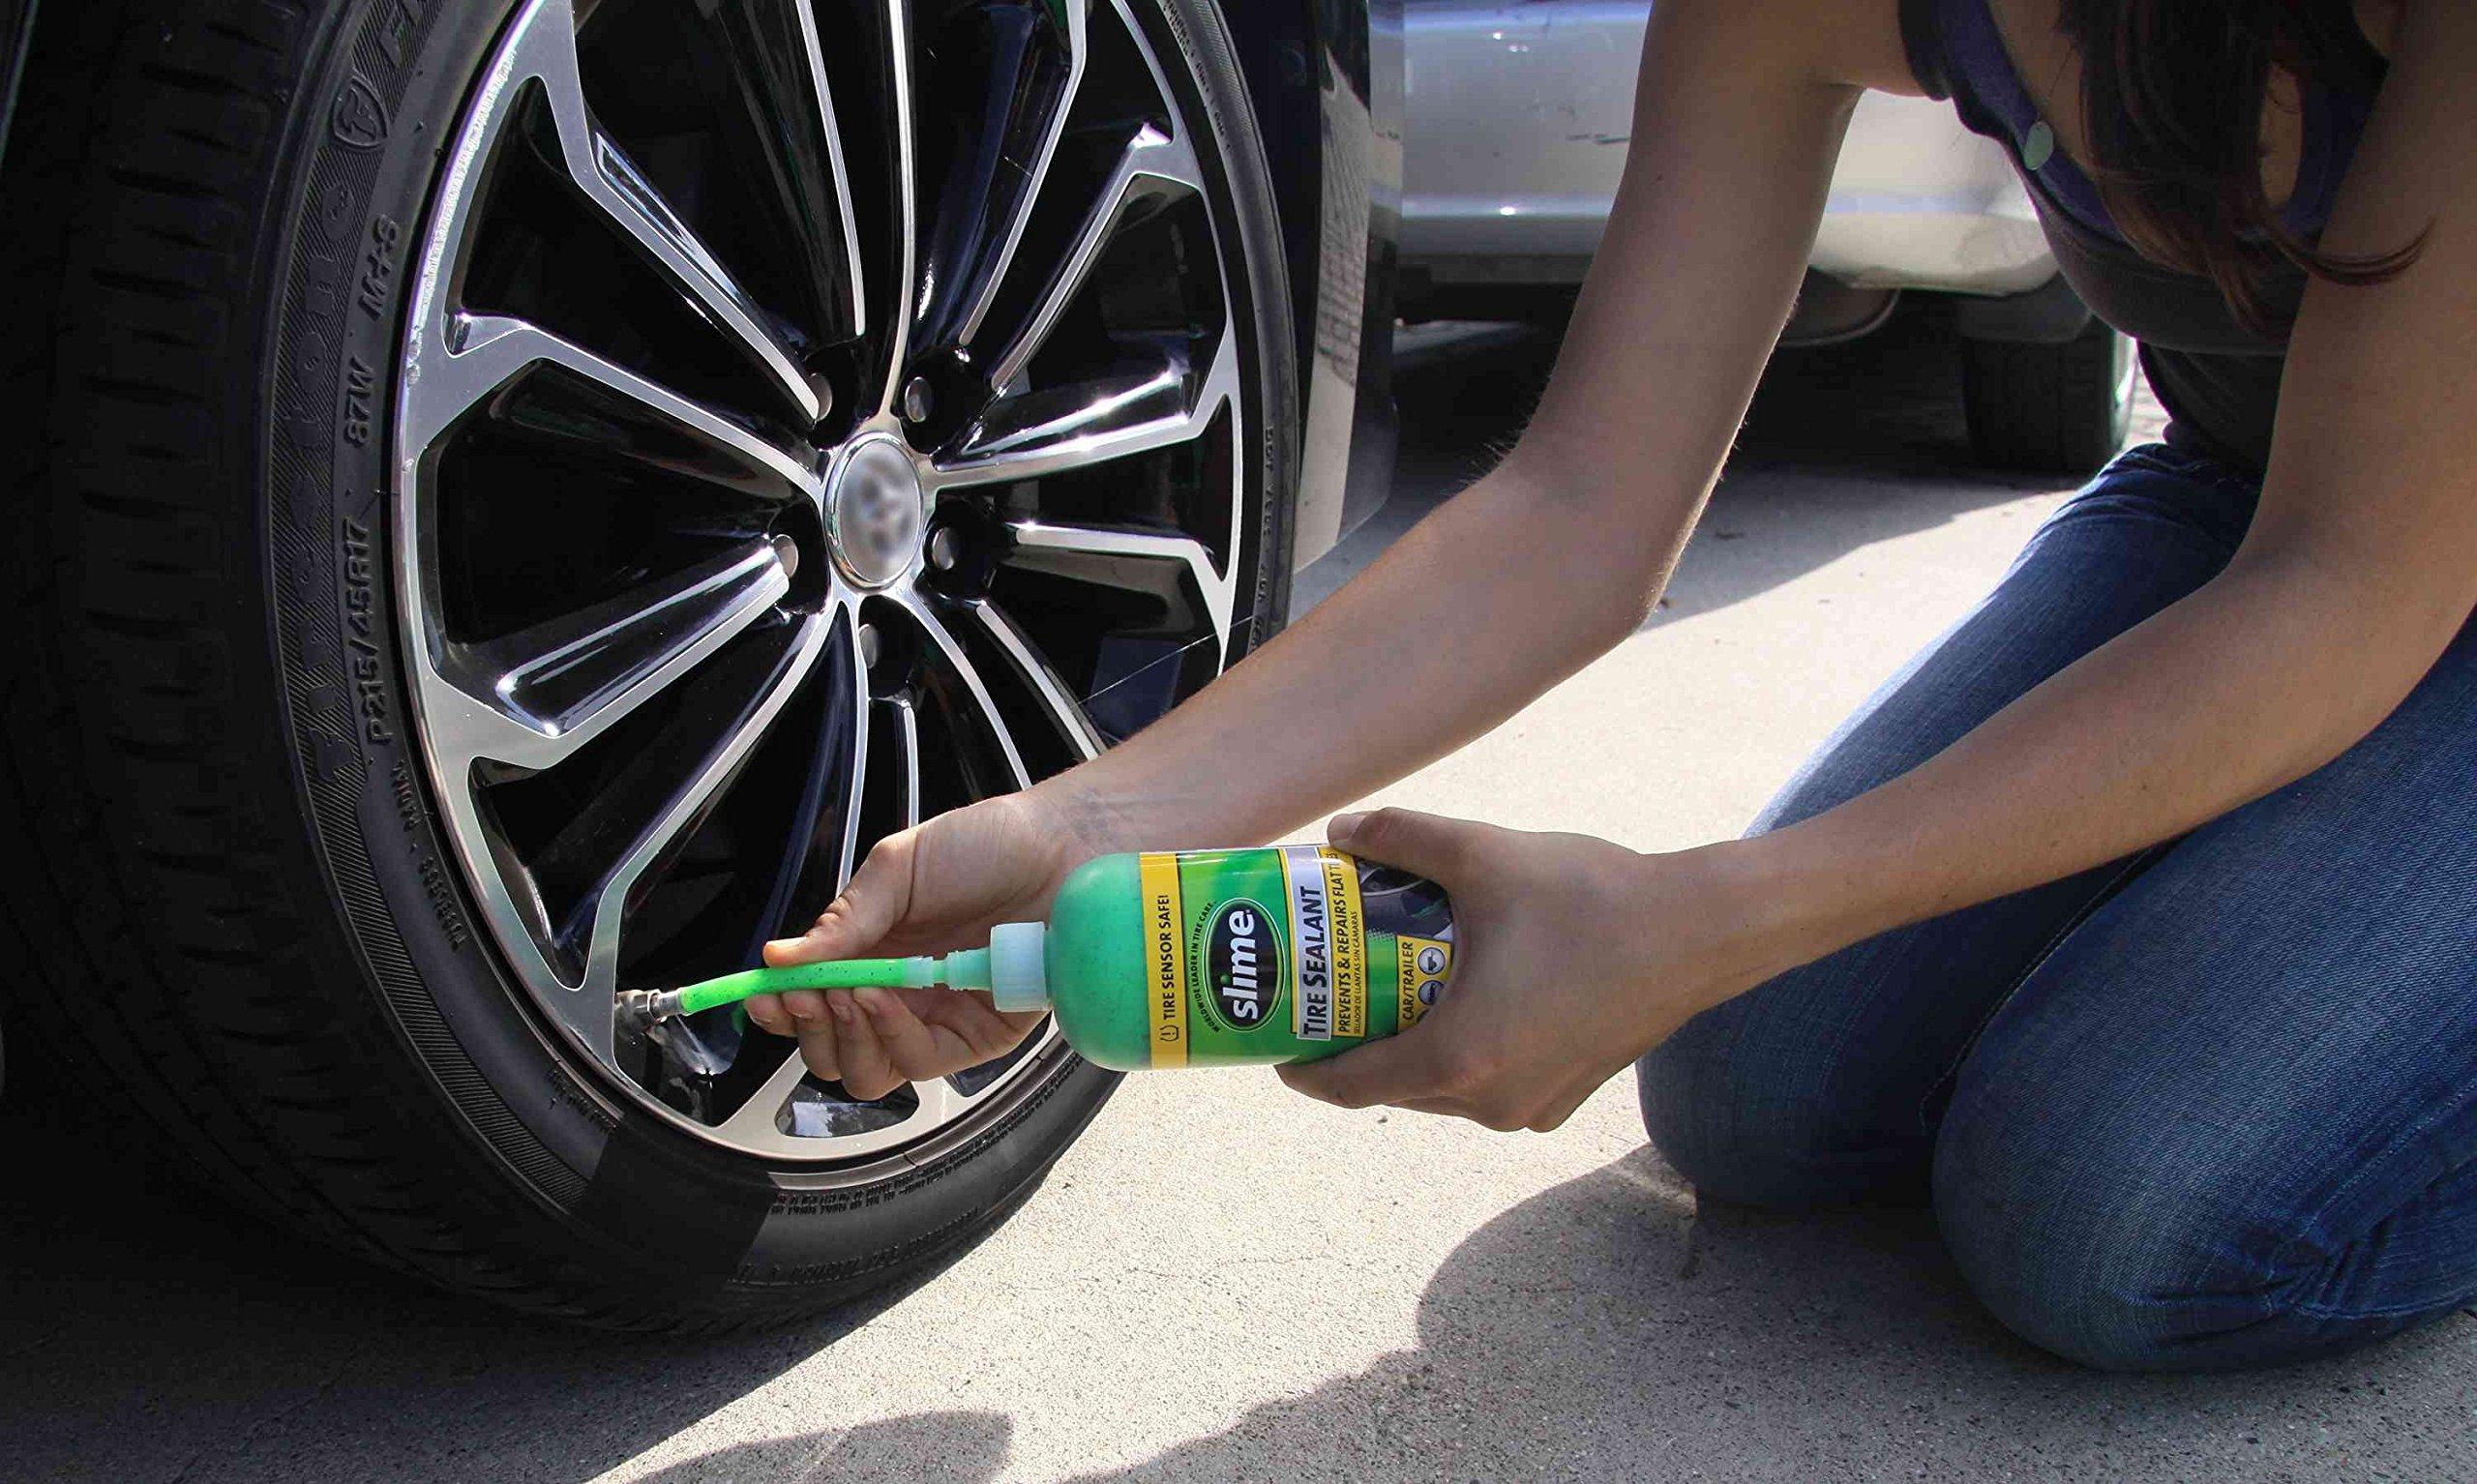 Slime 50107 Smart Spair Emergency Tire Repair Kit by Slime (Image #1)